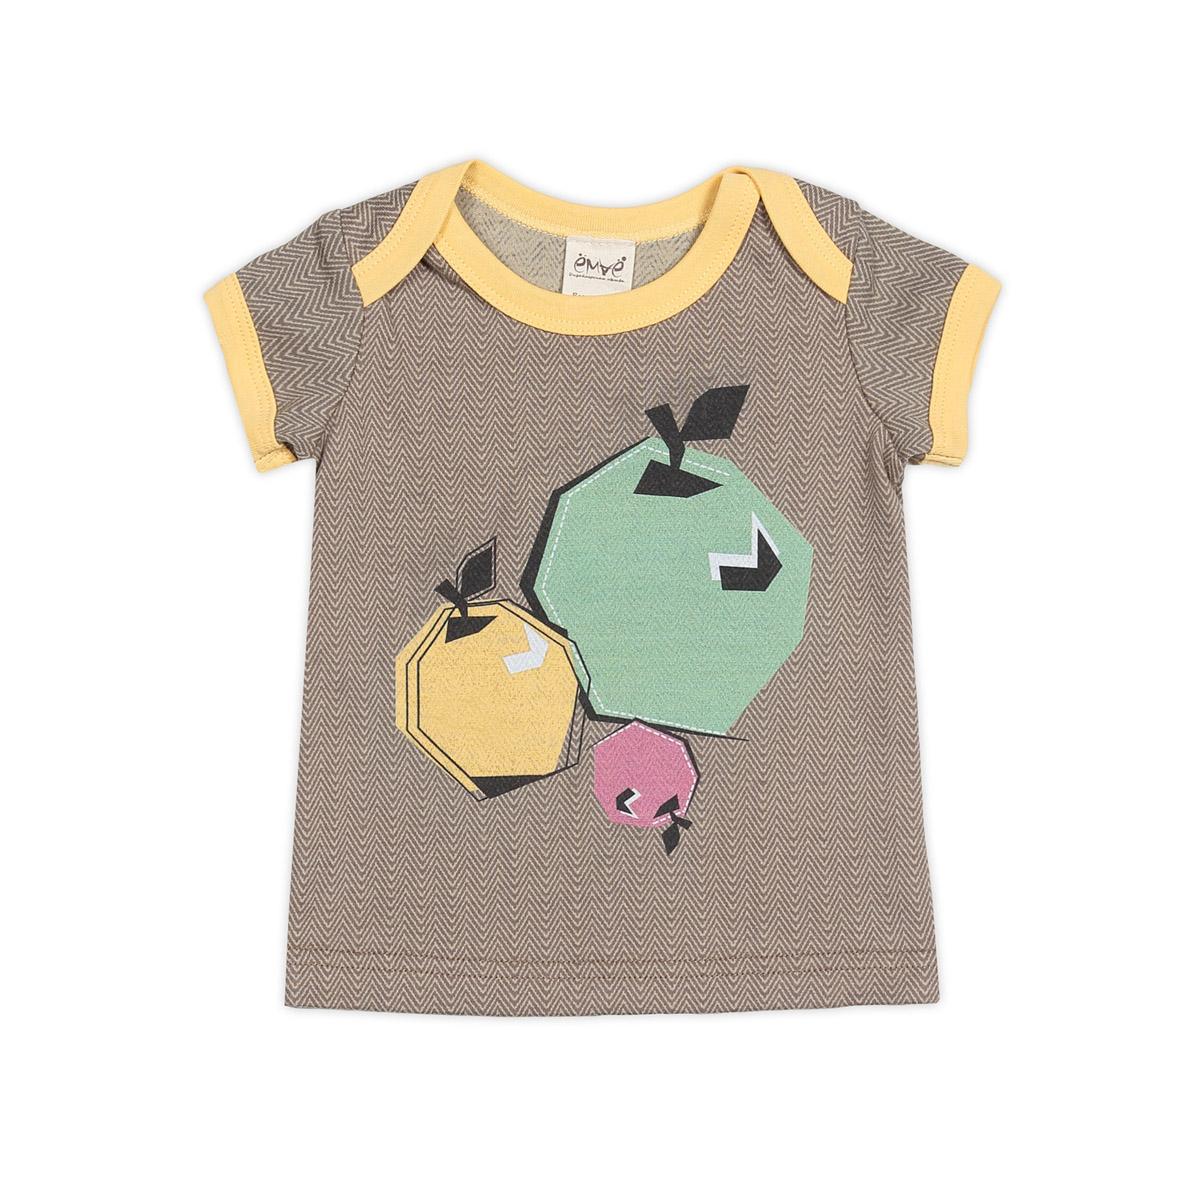 Футболка Ёмаё Кони в яблоках (27-216) рост 86 набивка с желтым<br>